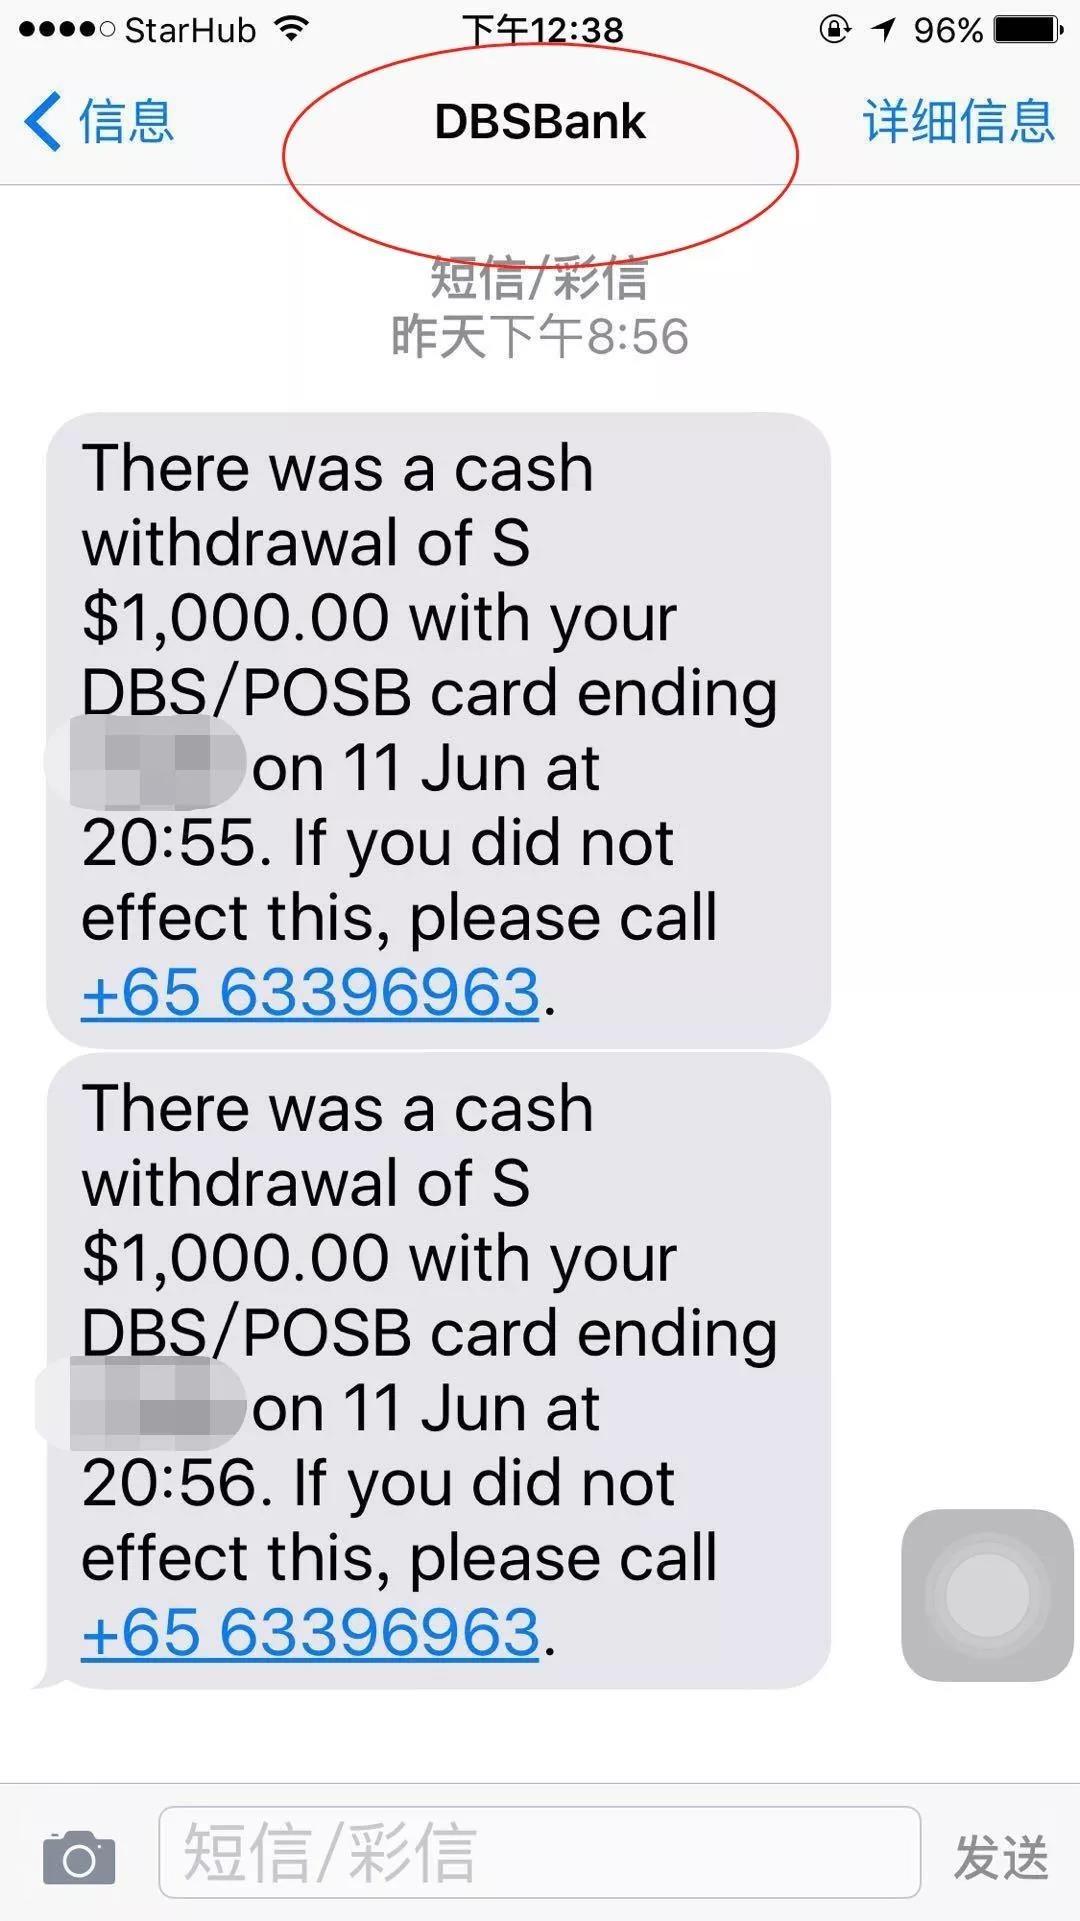 """银行短信显示被连取两笔1000新币现金 这竟也是""""骗局""""?!-热点新加坡"""